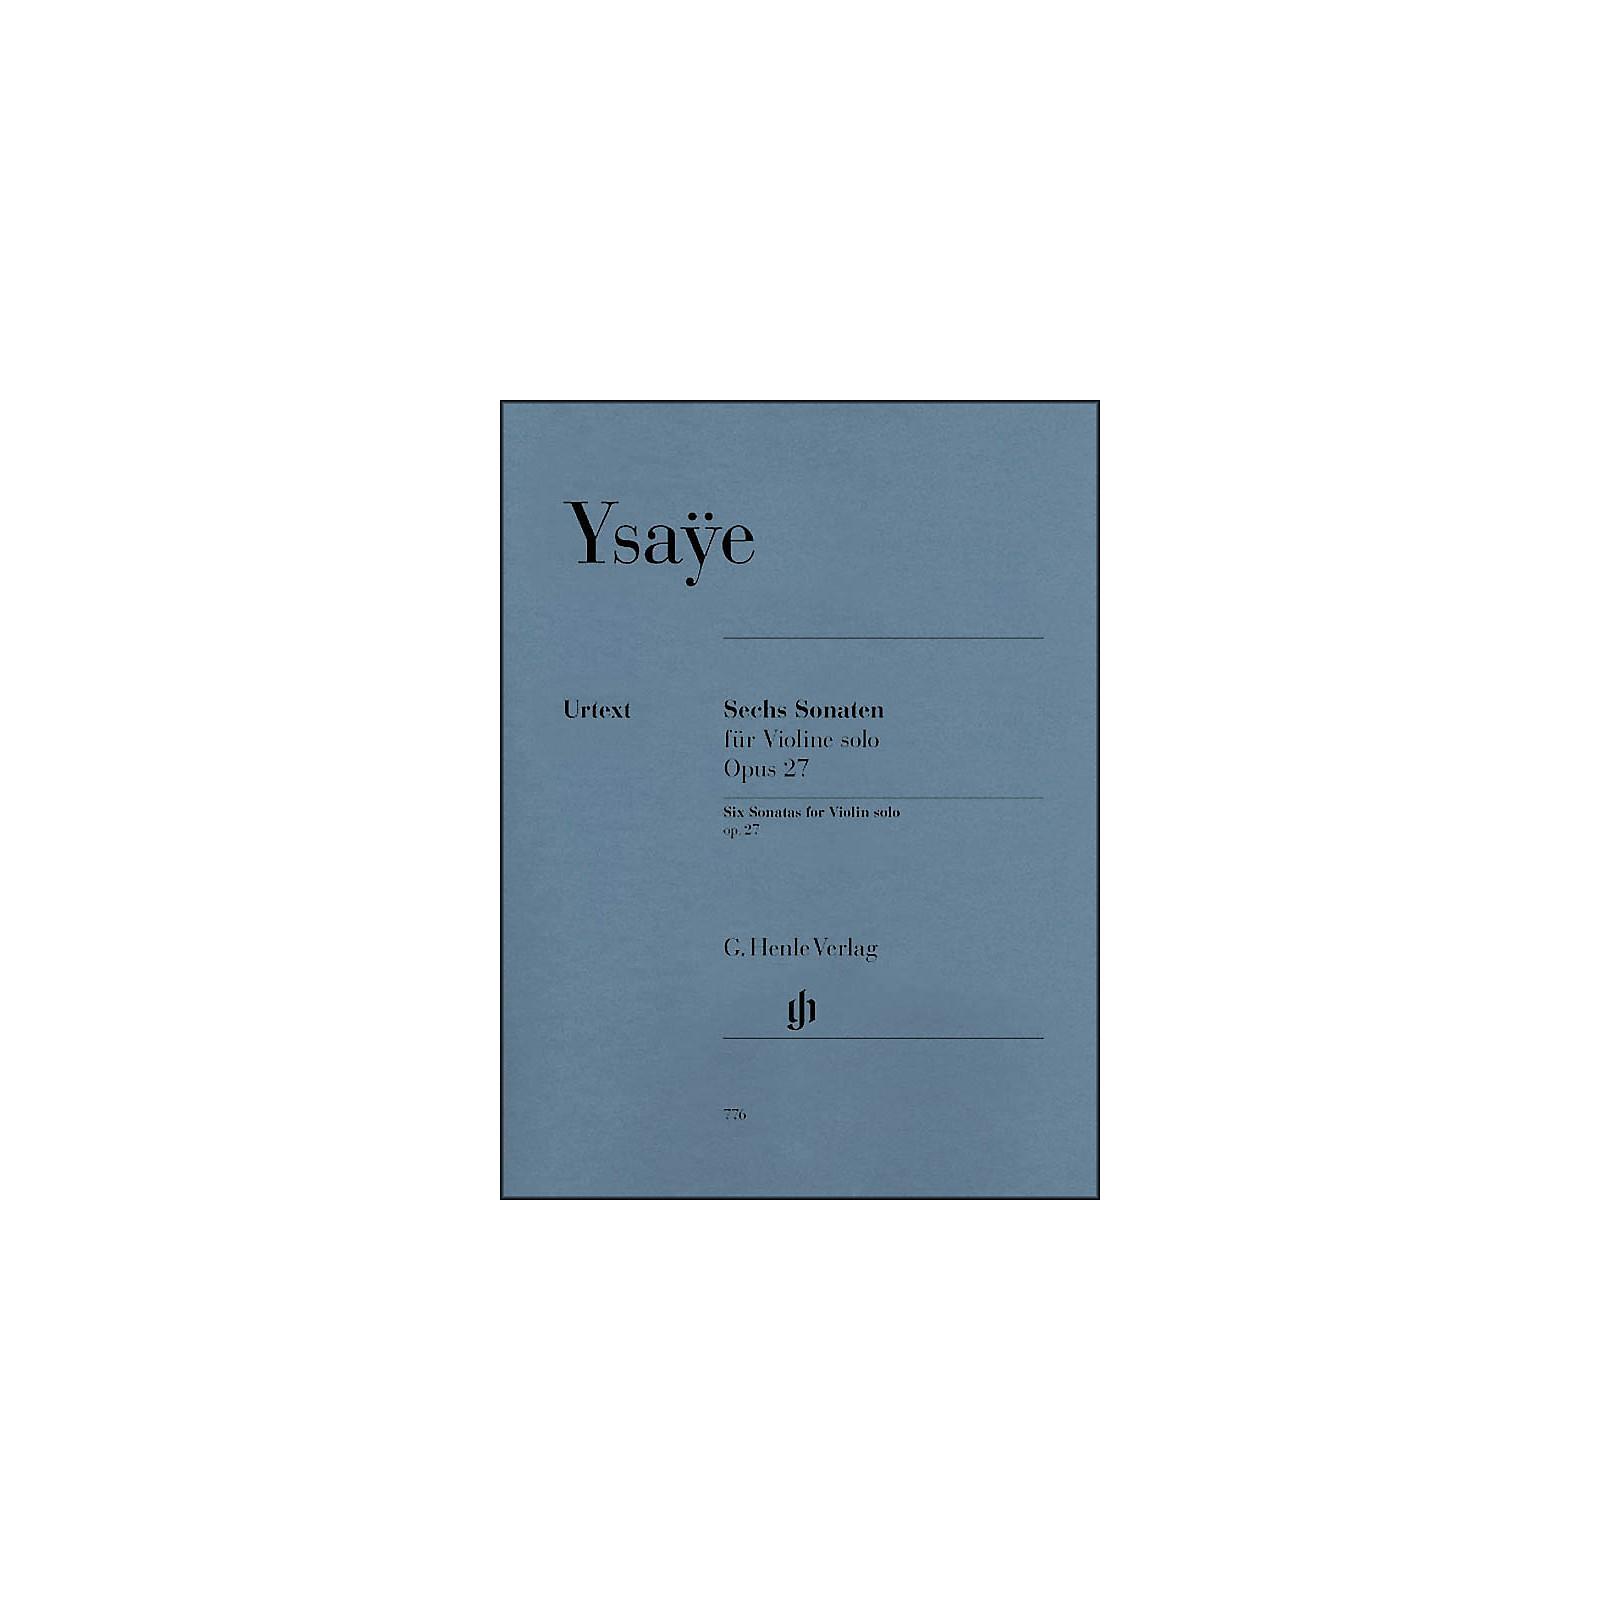 G. Henle Verlag 6 Sonatas for Violin Solo Op. 27 By Ysaye